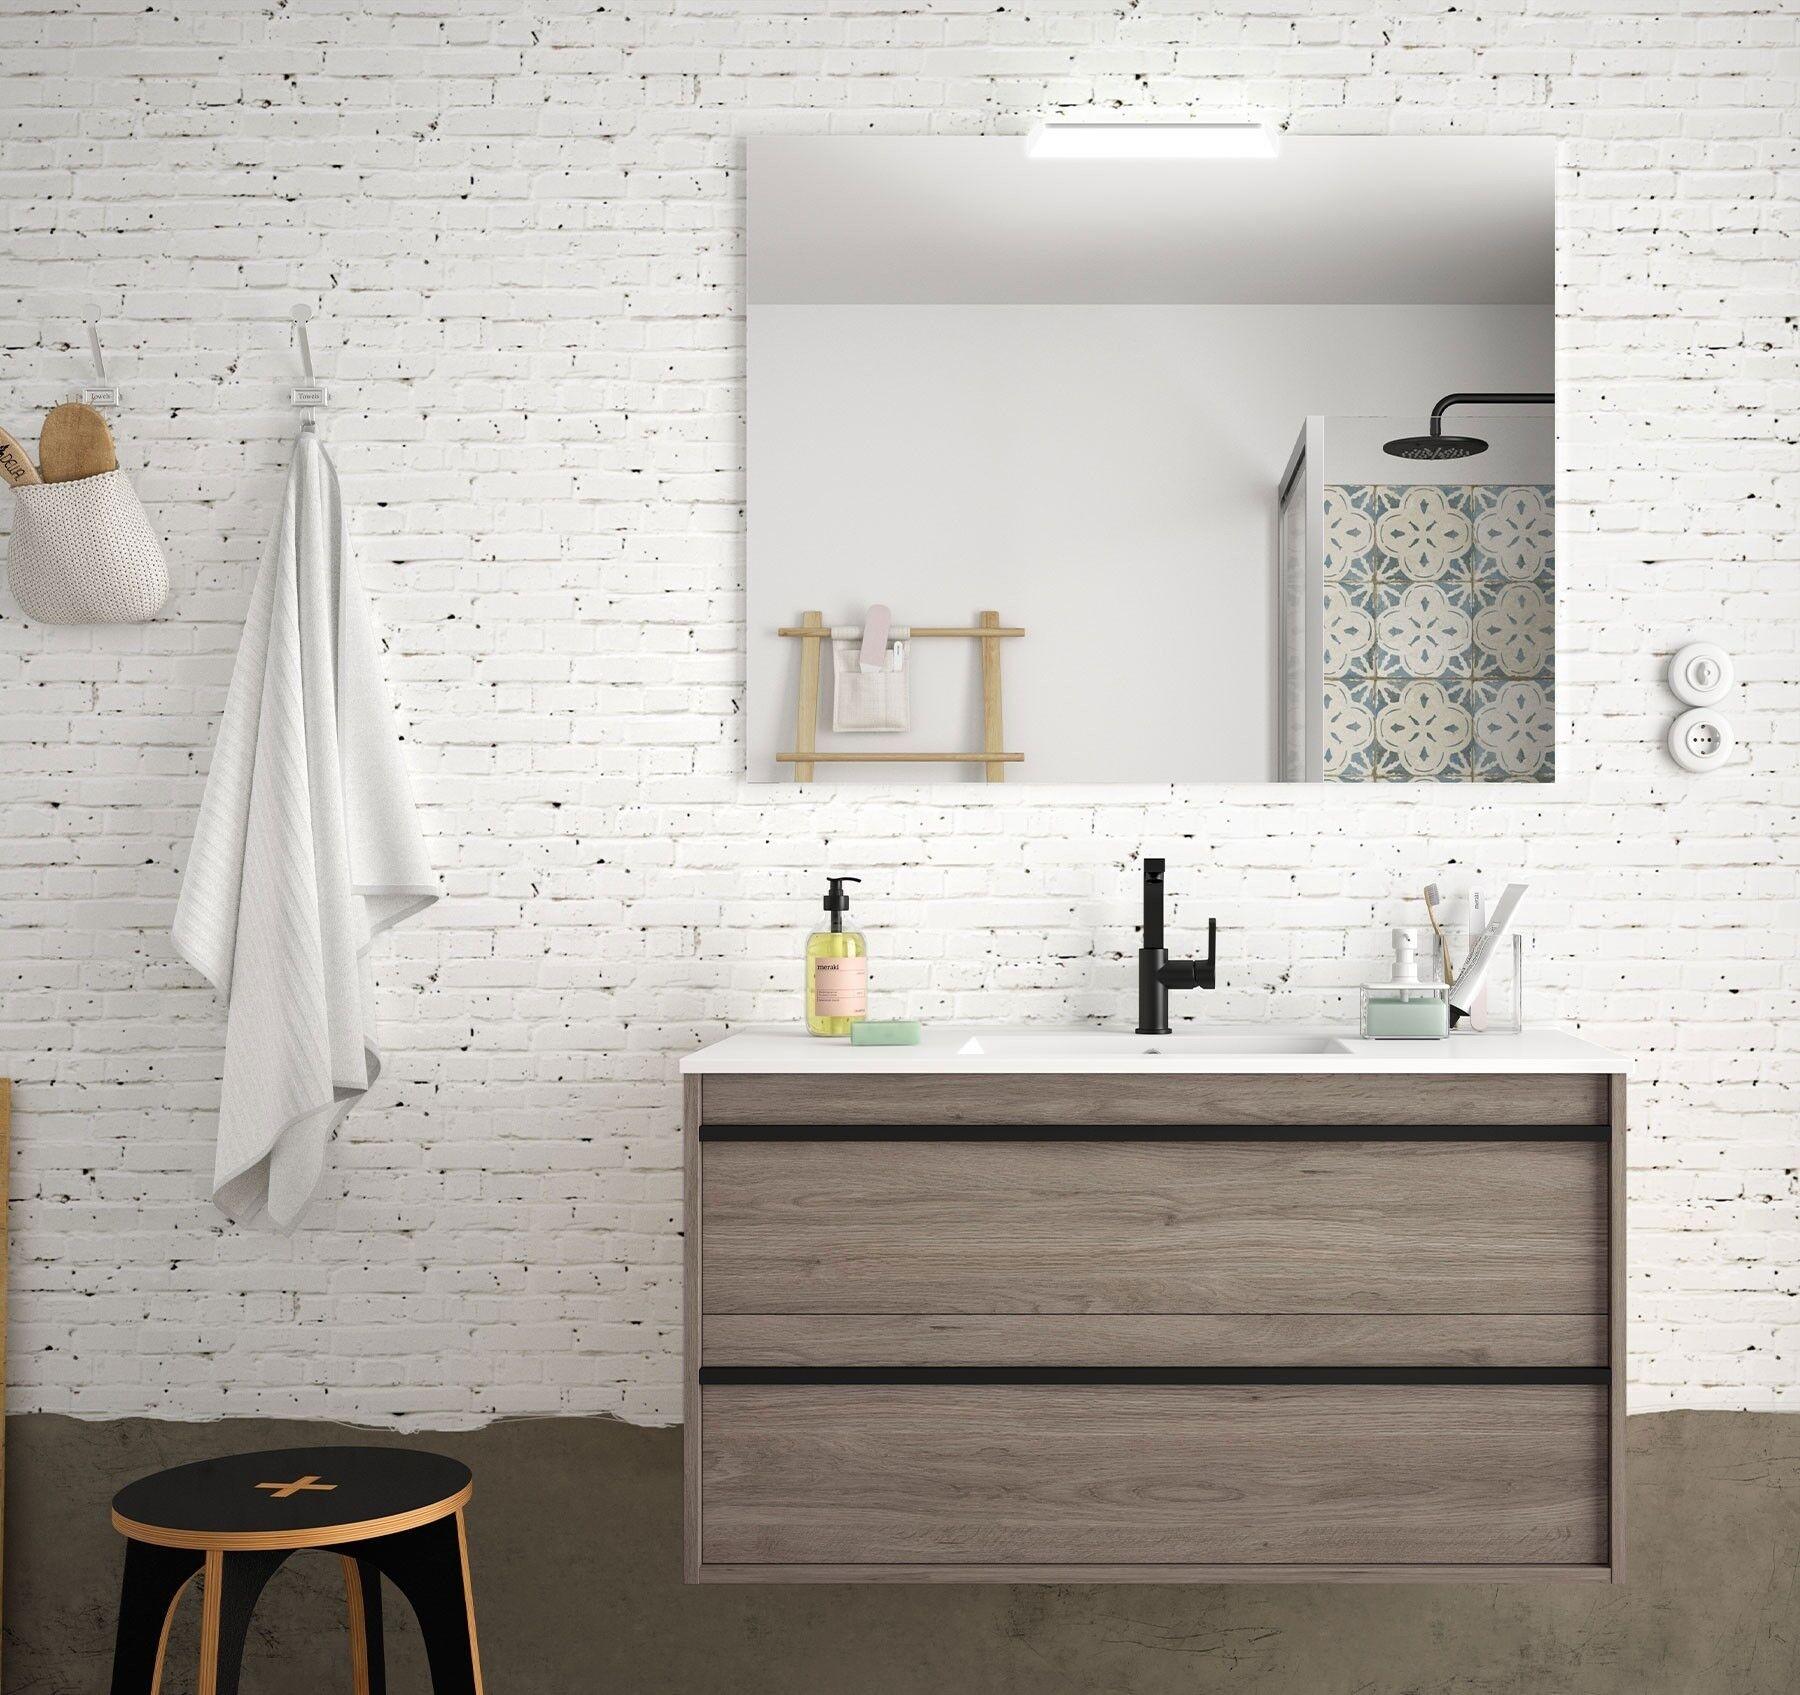 CAESAROO Meuble de salle de bain suspendu 100 cm Nevada en bois couleur chêne eternity avec lavabo en porcelaine   100 cm - Avec double colonne, miroir et lampe à LED